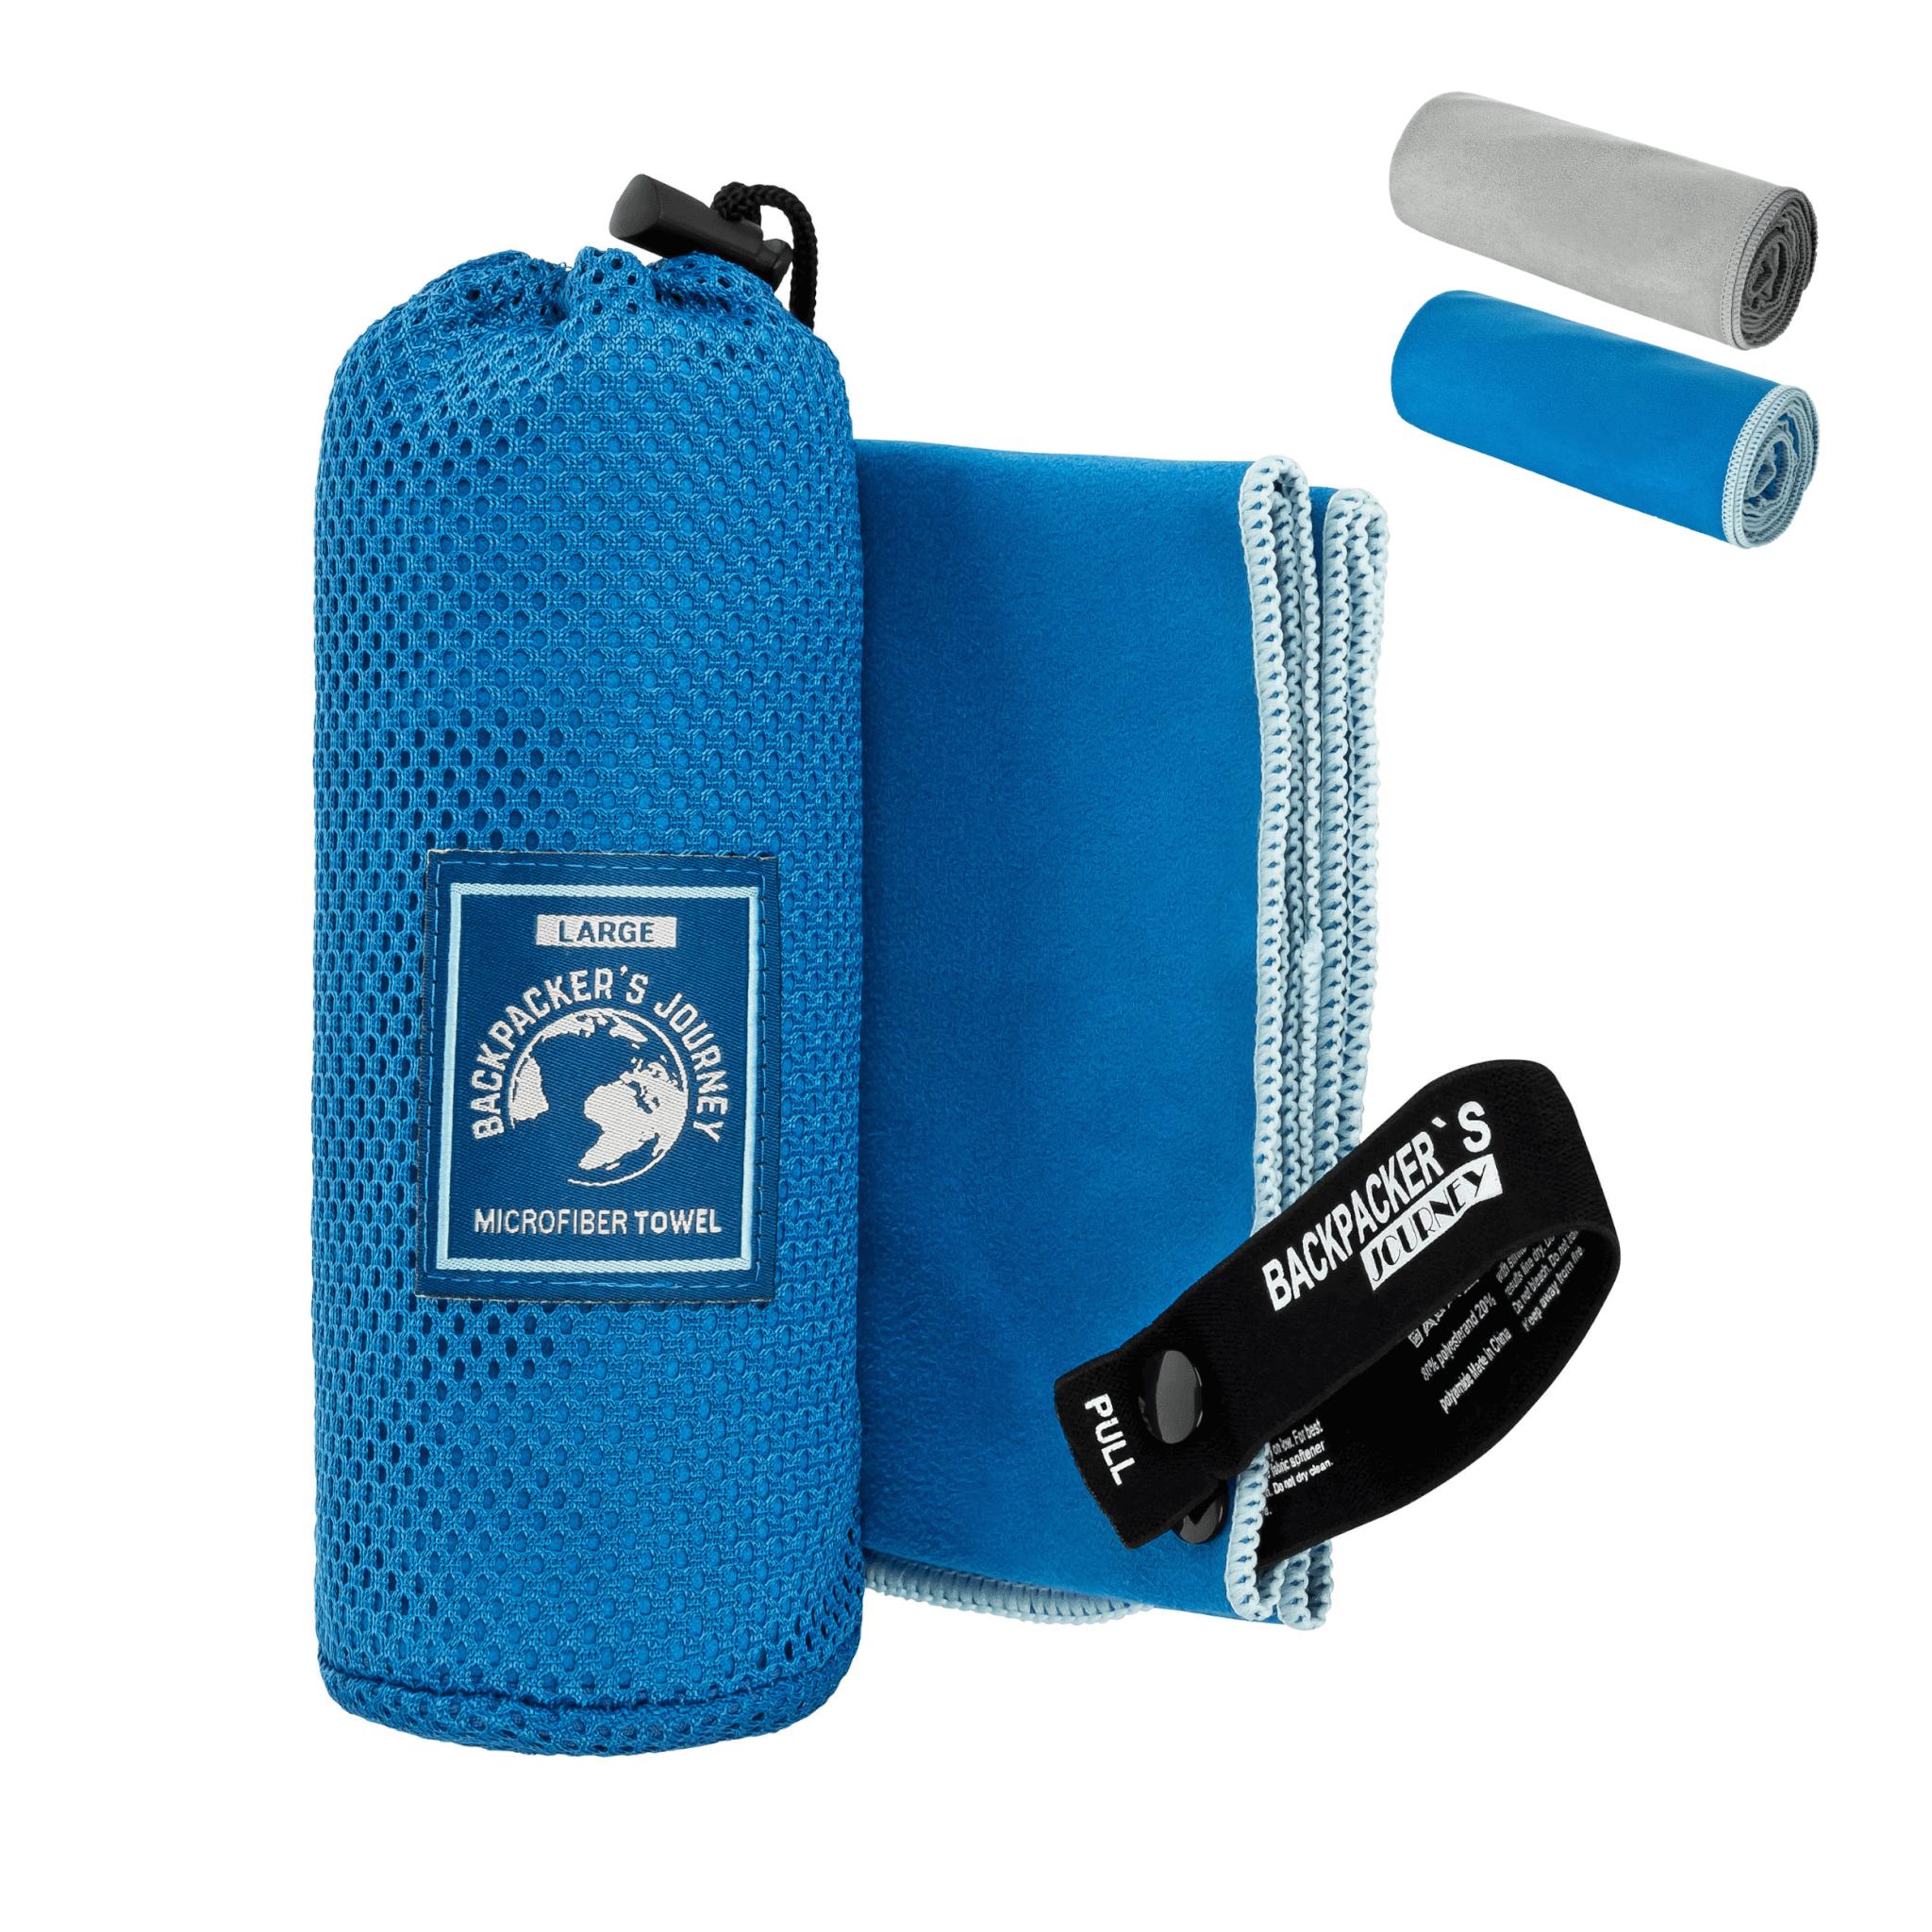 Reisehandtuch f/ür Backpacking antibakteriell Journext/® Mikrofaser Handtuch Ultraleicht leicht schnelltrocknend